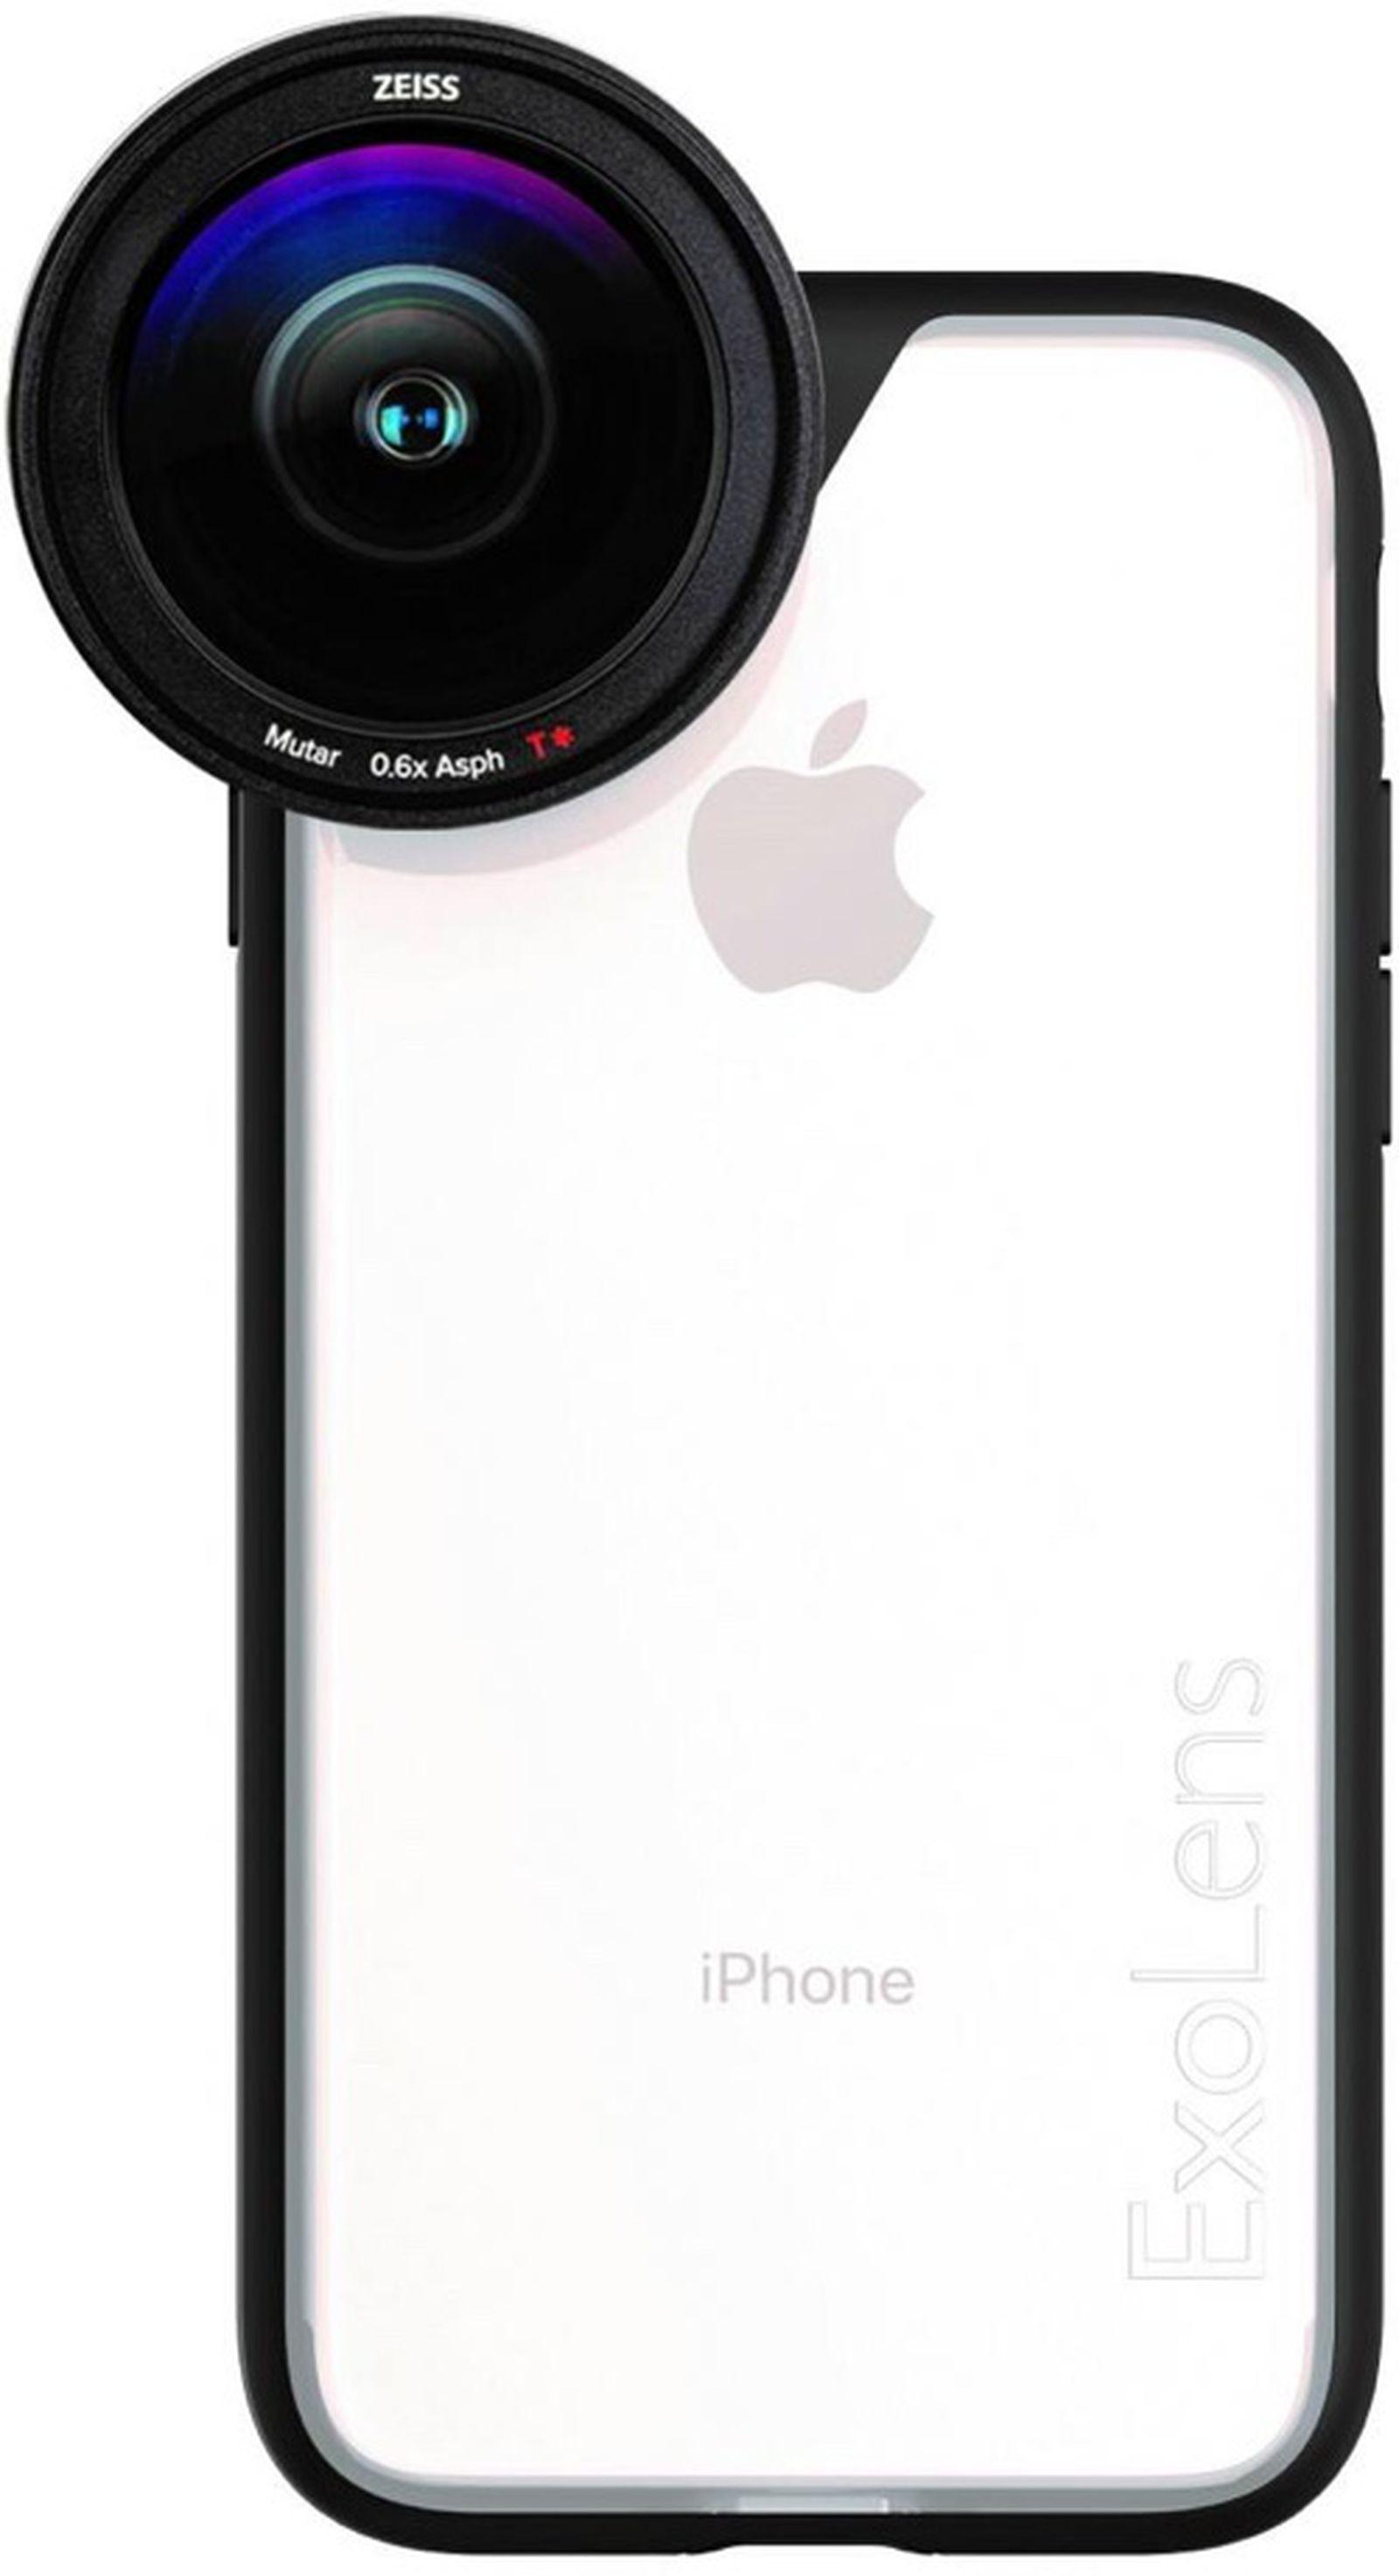 CES 2017: ExoLens Announces iPhone 7 Case Compatible With Zeiss Lenses